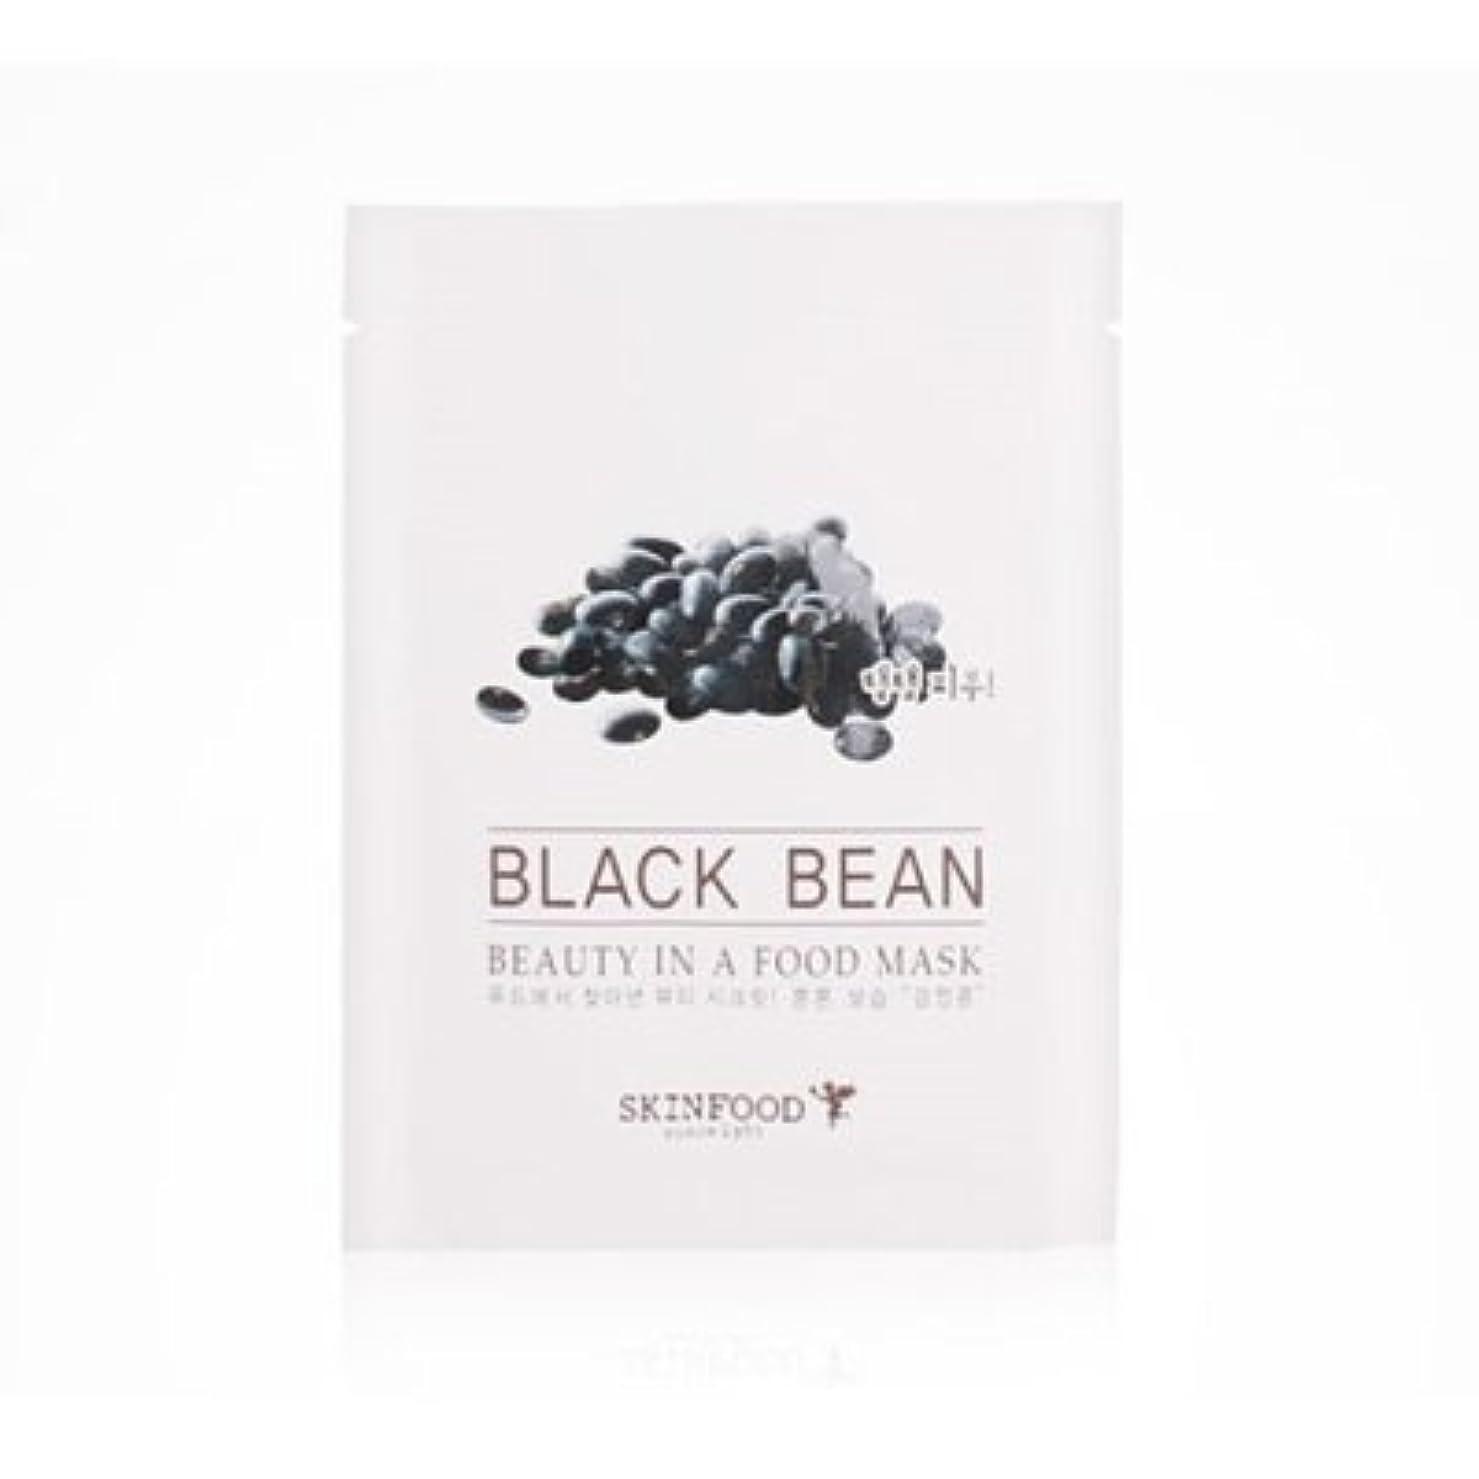 どきどき普遍的な成功するSKINFOOD Beauty in a Food Mask Sheet 5EA (BLACK BEAN) / スキンフード ビューティー イン ア フード マスクシート [並行輸入品]